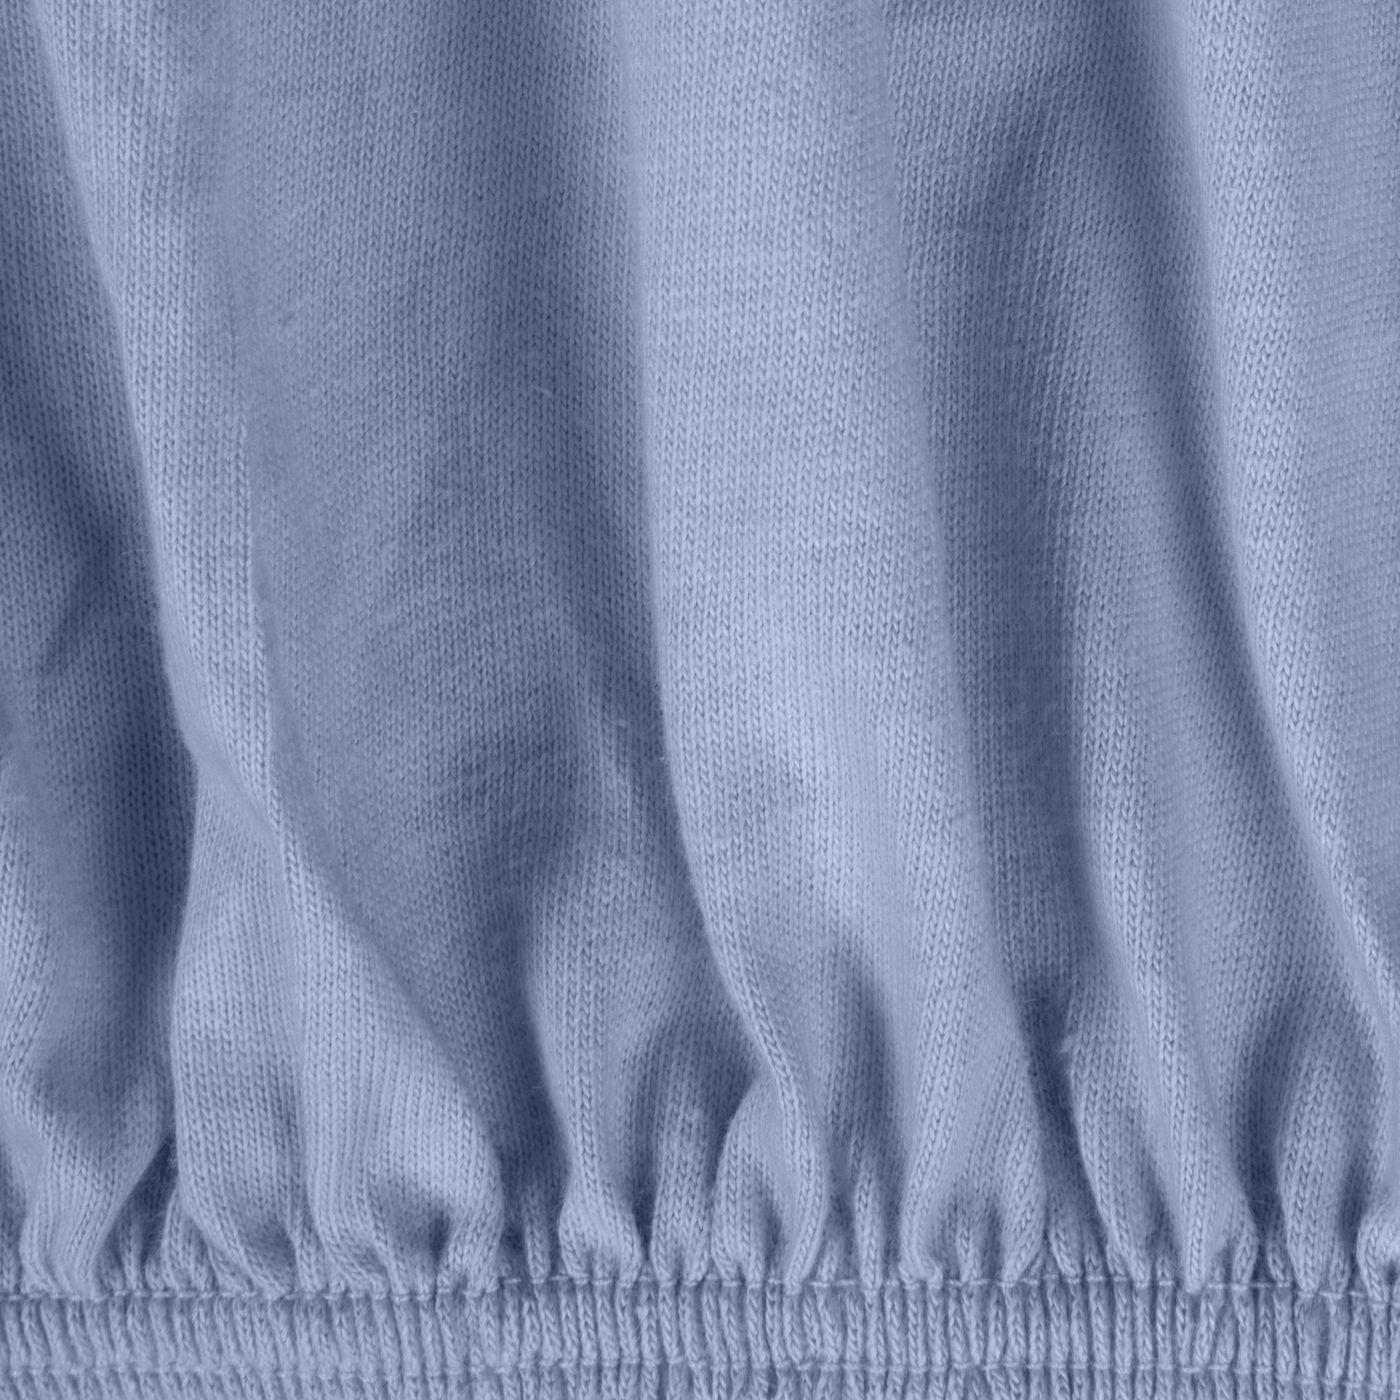 Prześcieradło Bawełniane Gładkie 140X200+25CM 140 kolor Niebieski